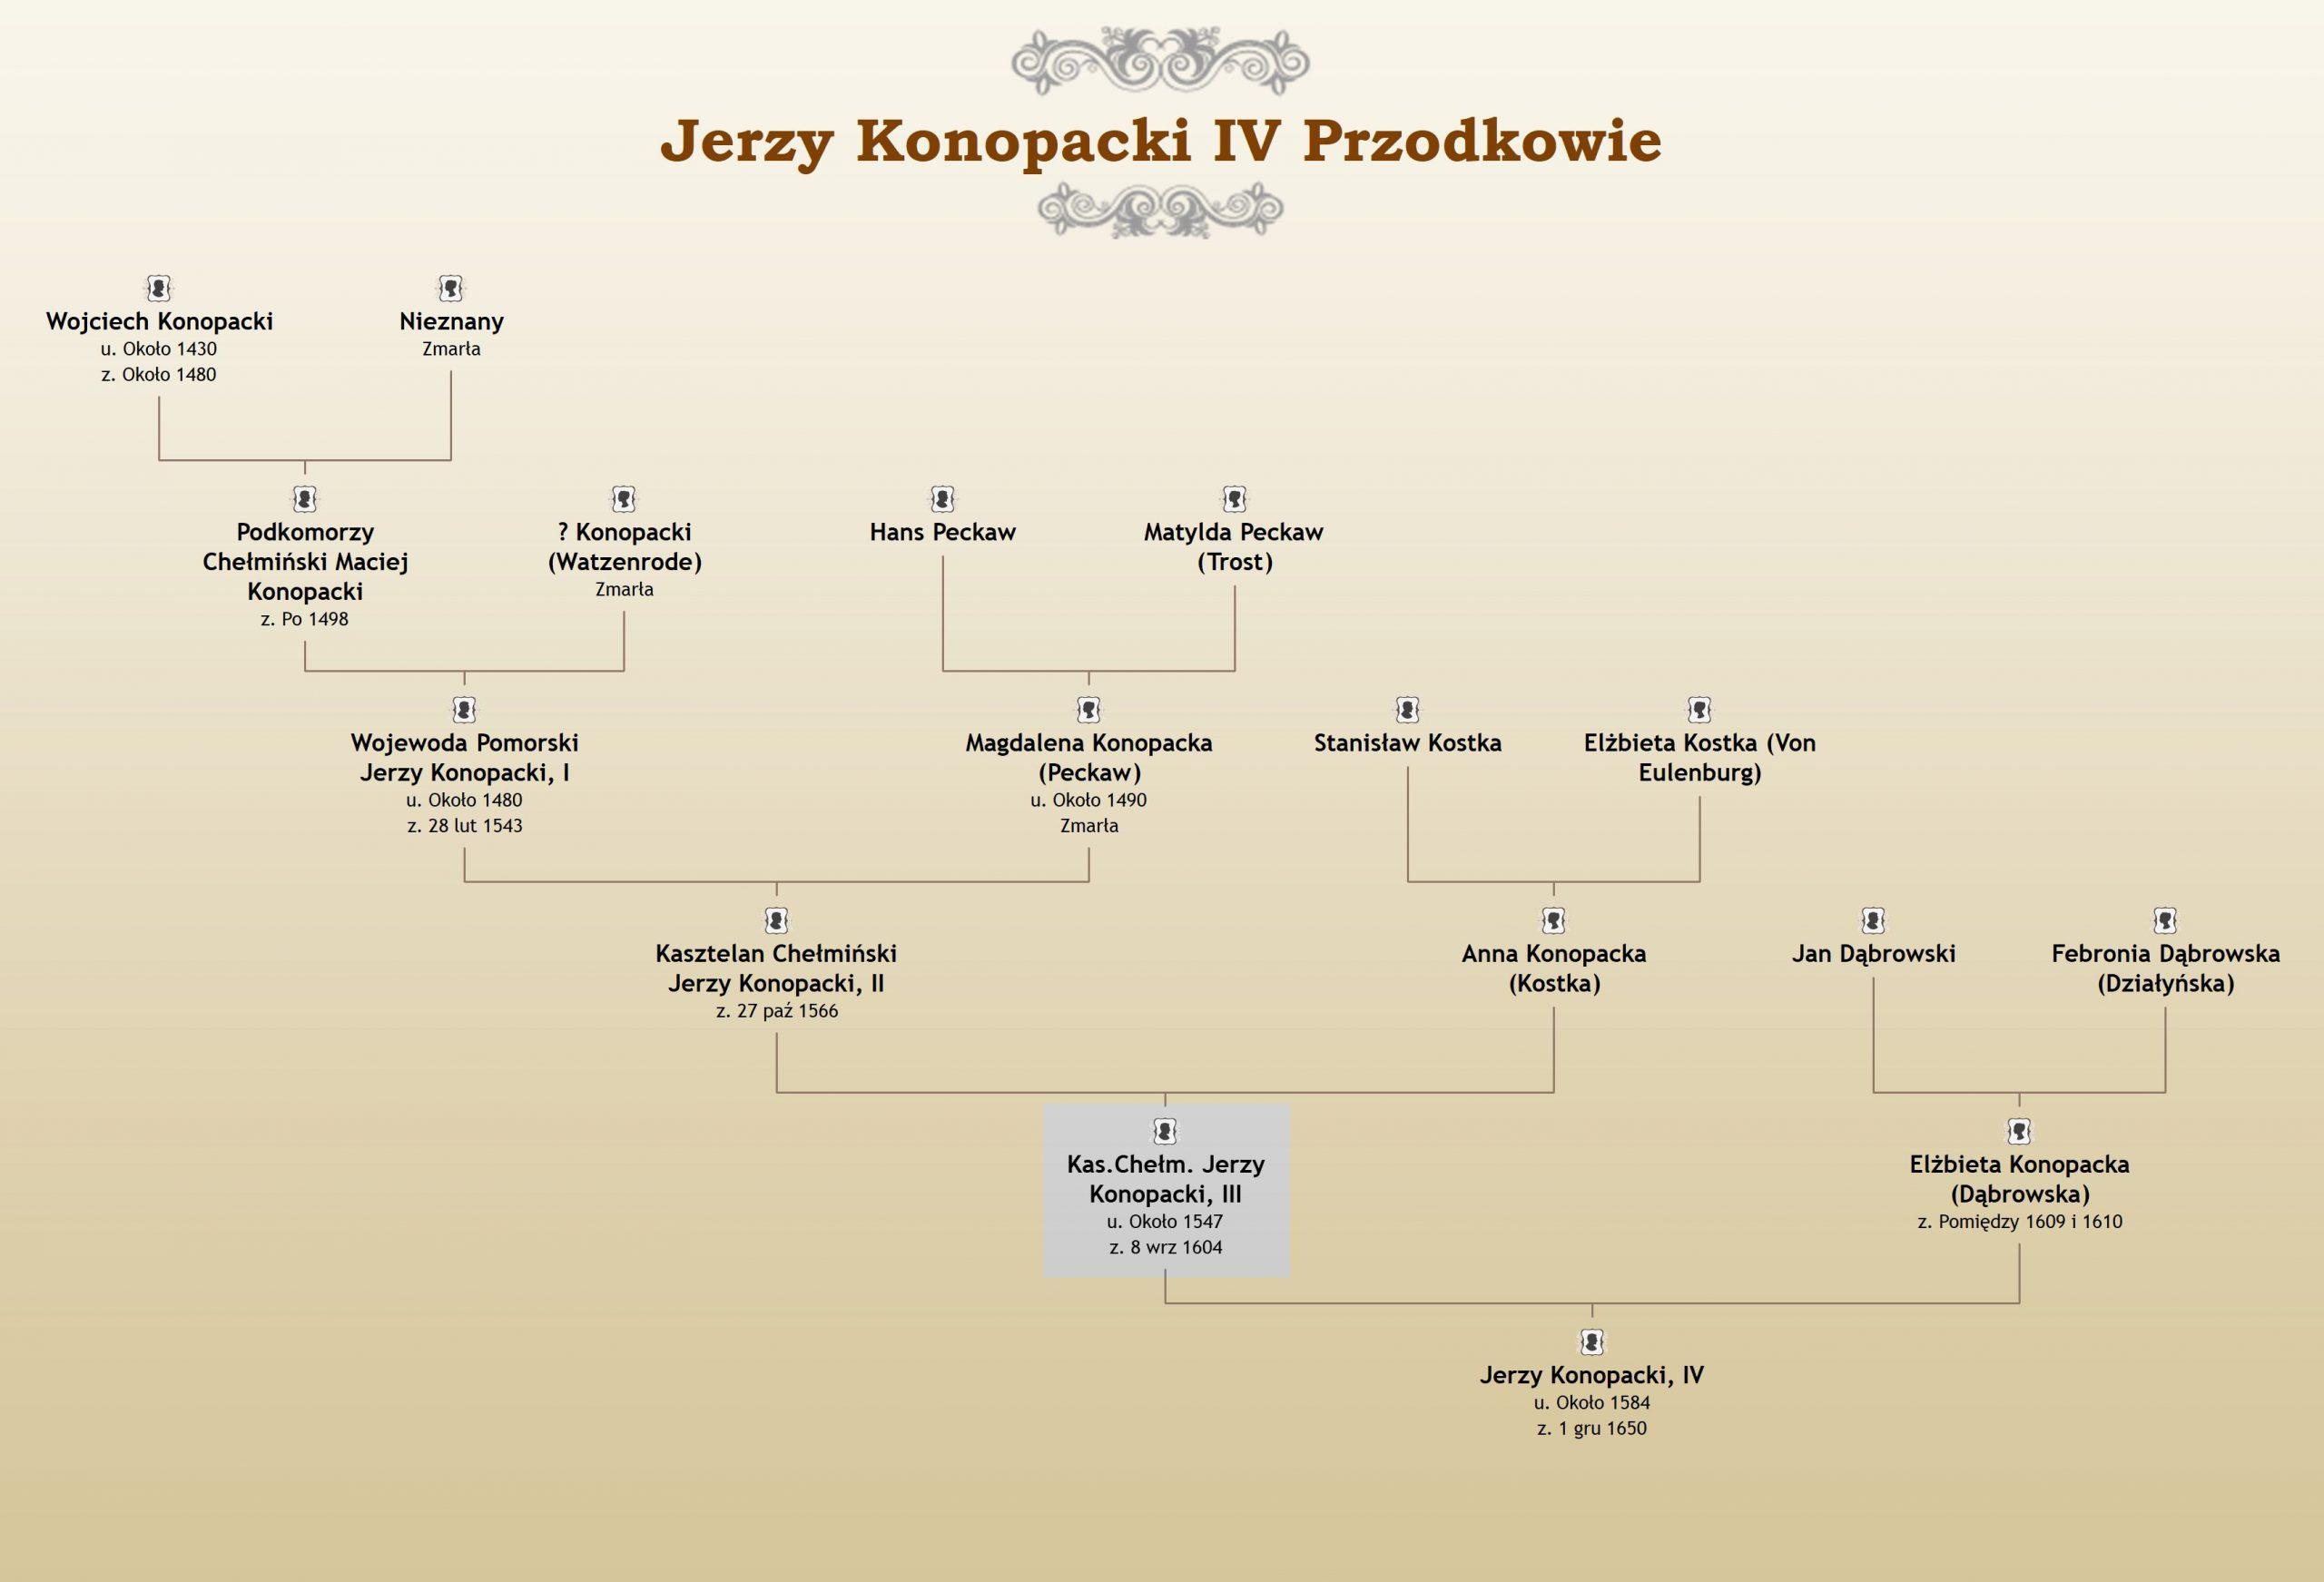 Jerzy Konopacki III Kasztelan Chełmiński